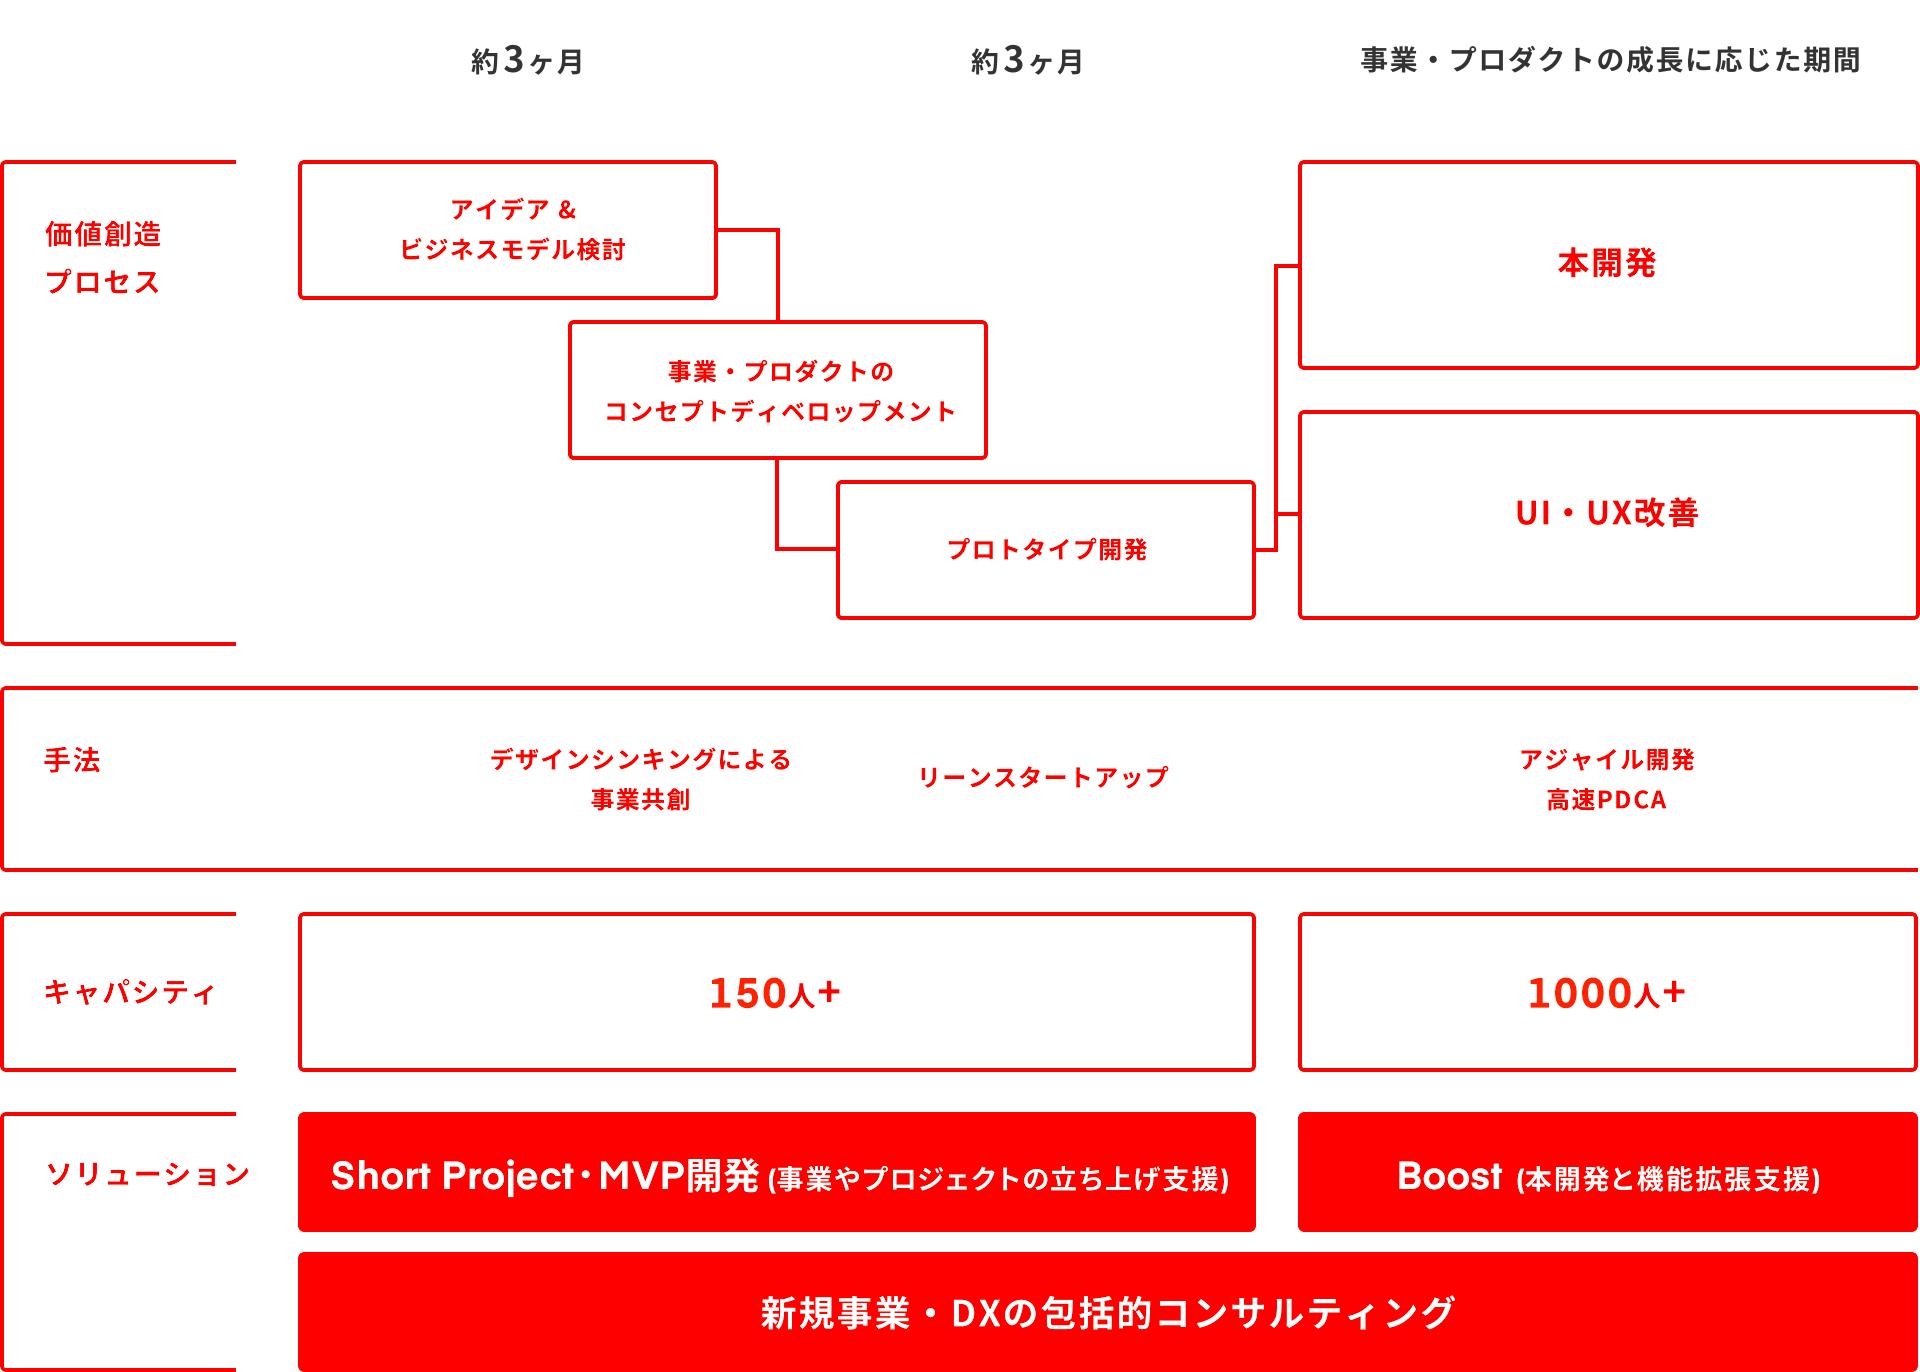 サービス毎の事業フロー一覧